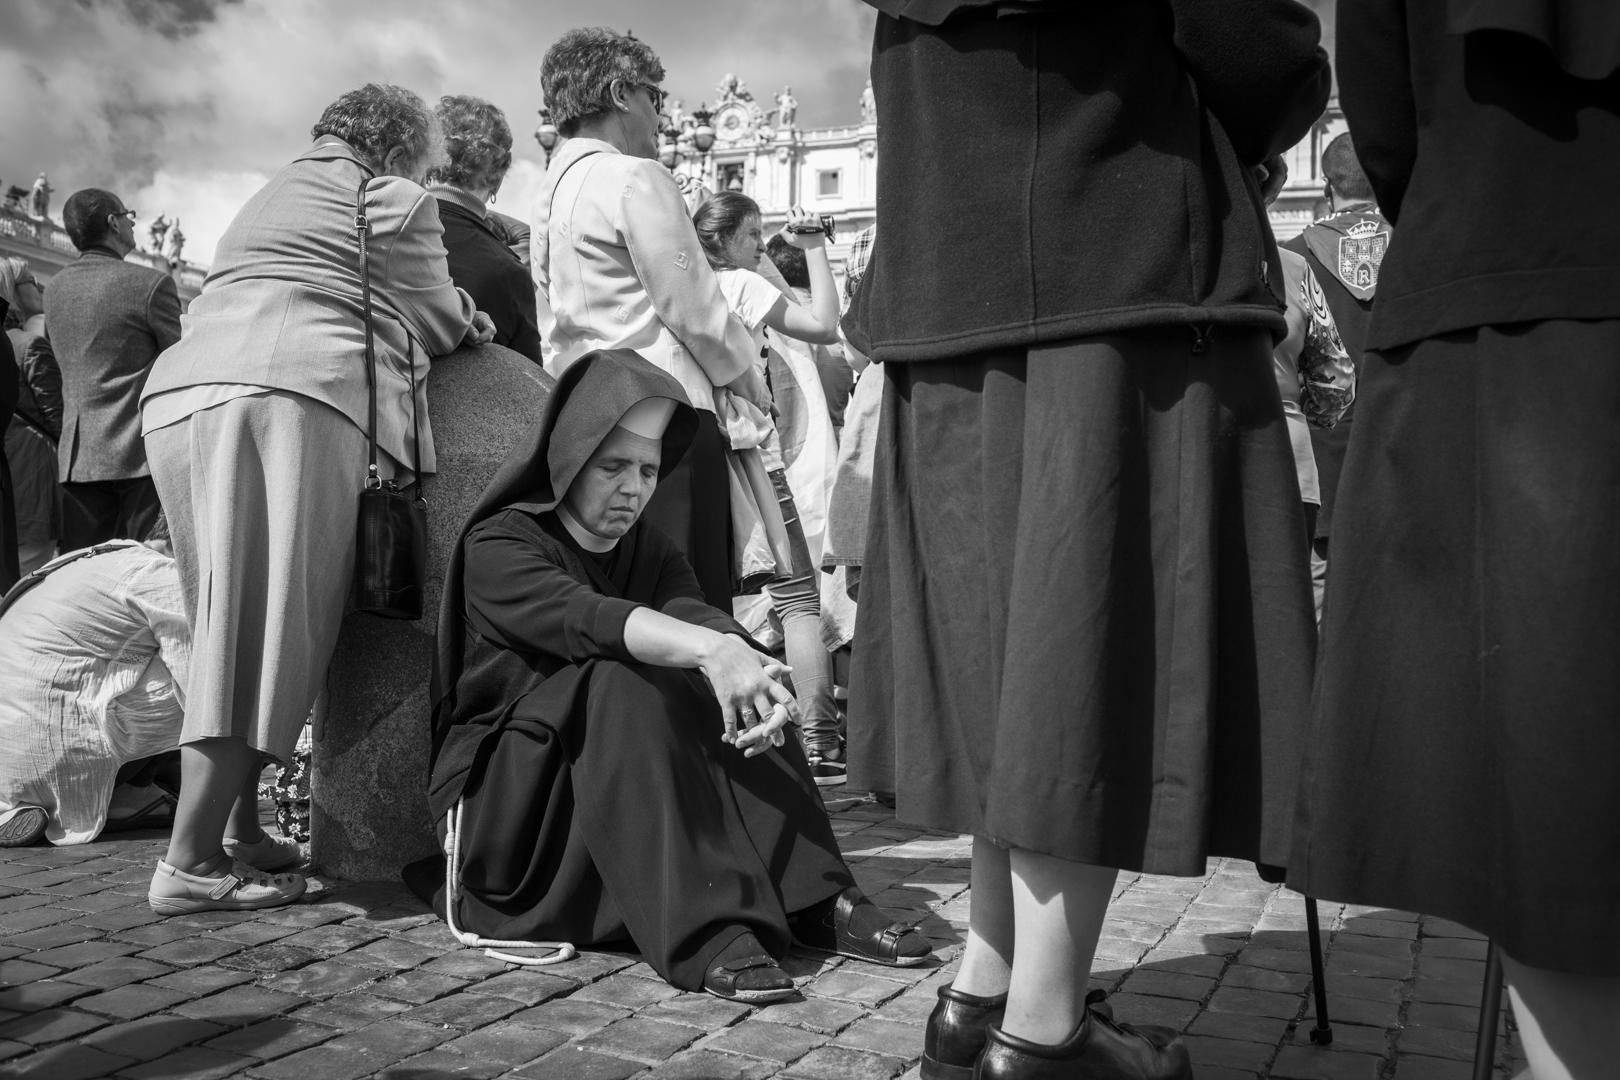 Pellegrini, Roma, 26/27/28 aprile 2014 La fede incapace di ridere di se stessa deve dubitare della propria autenticità. Nicolás Gómez Dávila Il 27 aprile 2014 si è svolta in